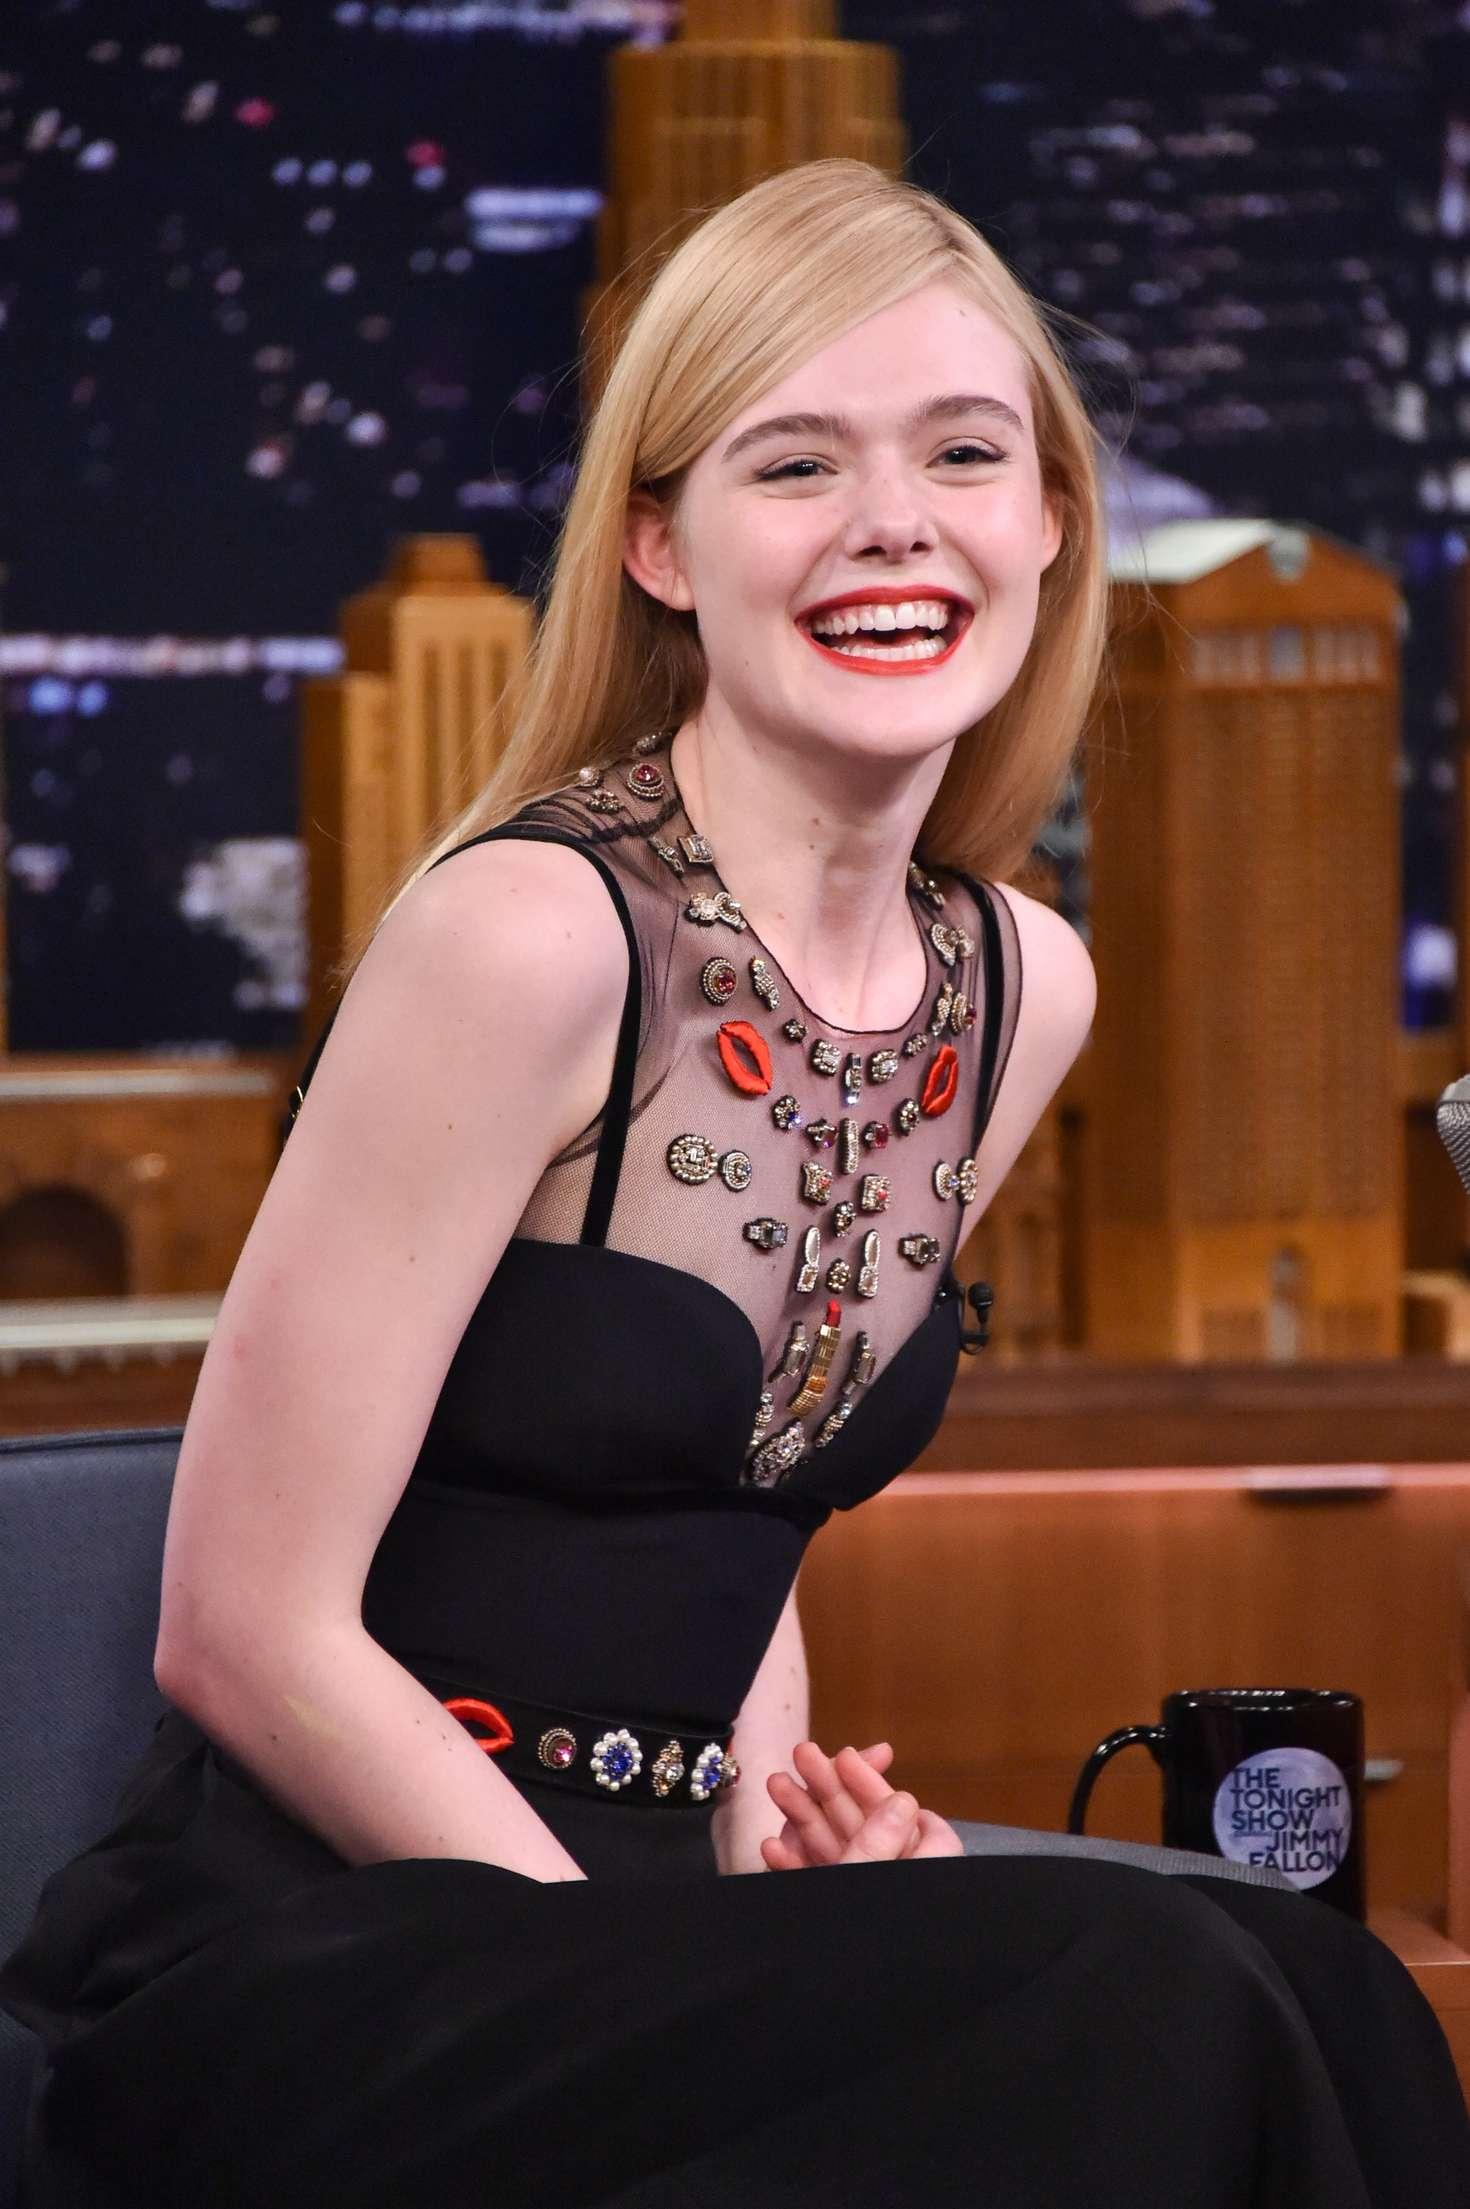 Show de daisy smile en la barra del sem 2018 - 5 3